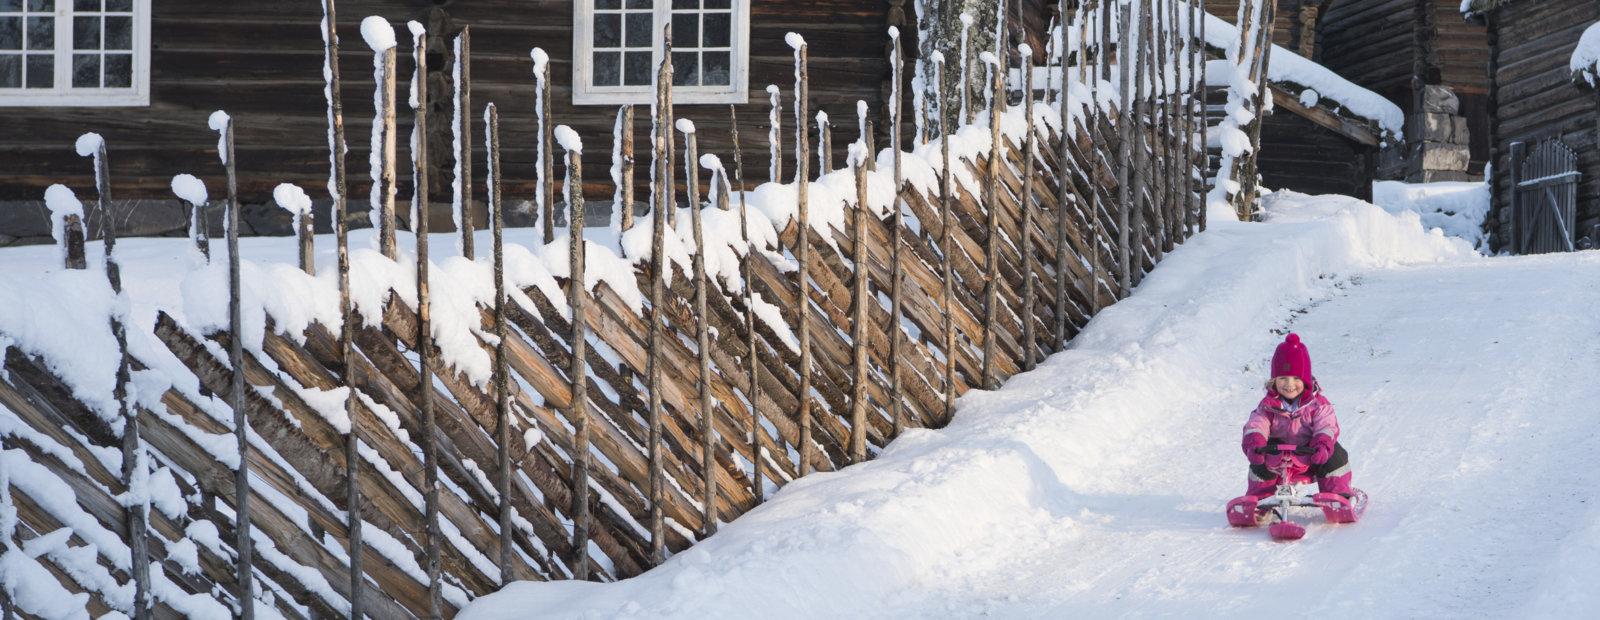 Jente aker på rattkjelke ved siden av en skigard og gammelt tømmerhus.